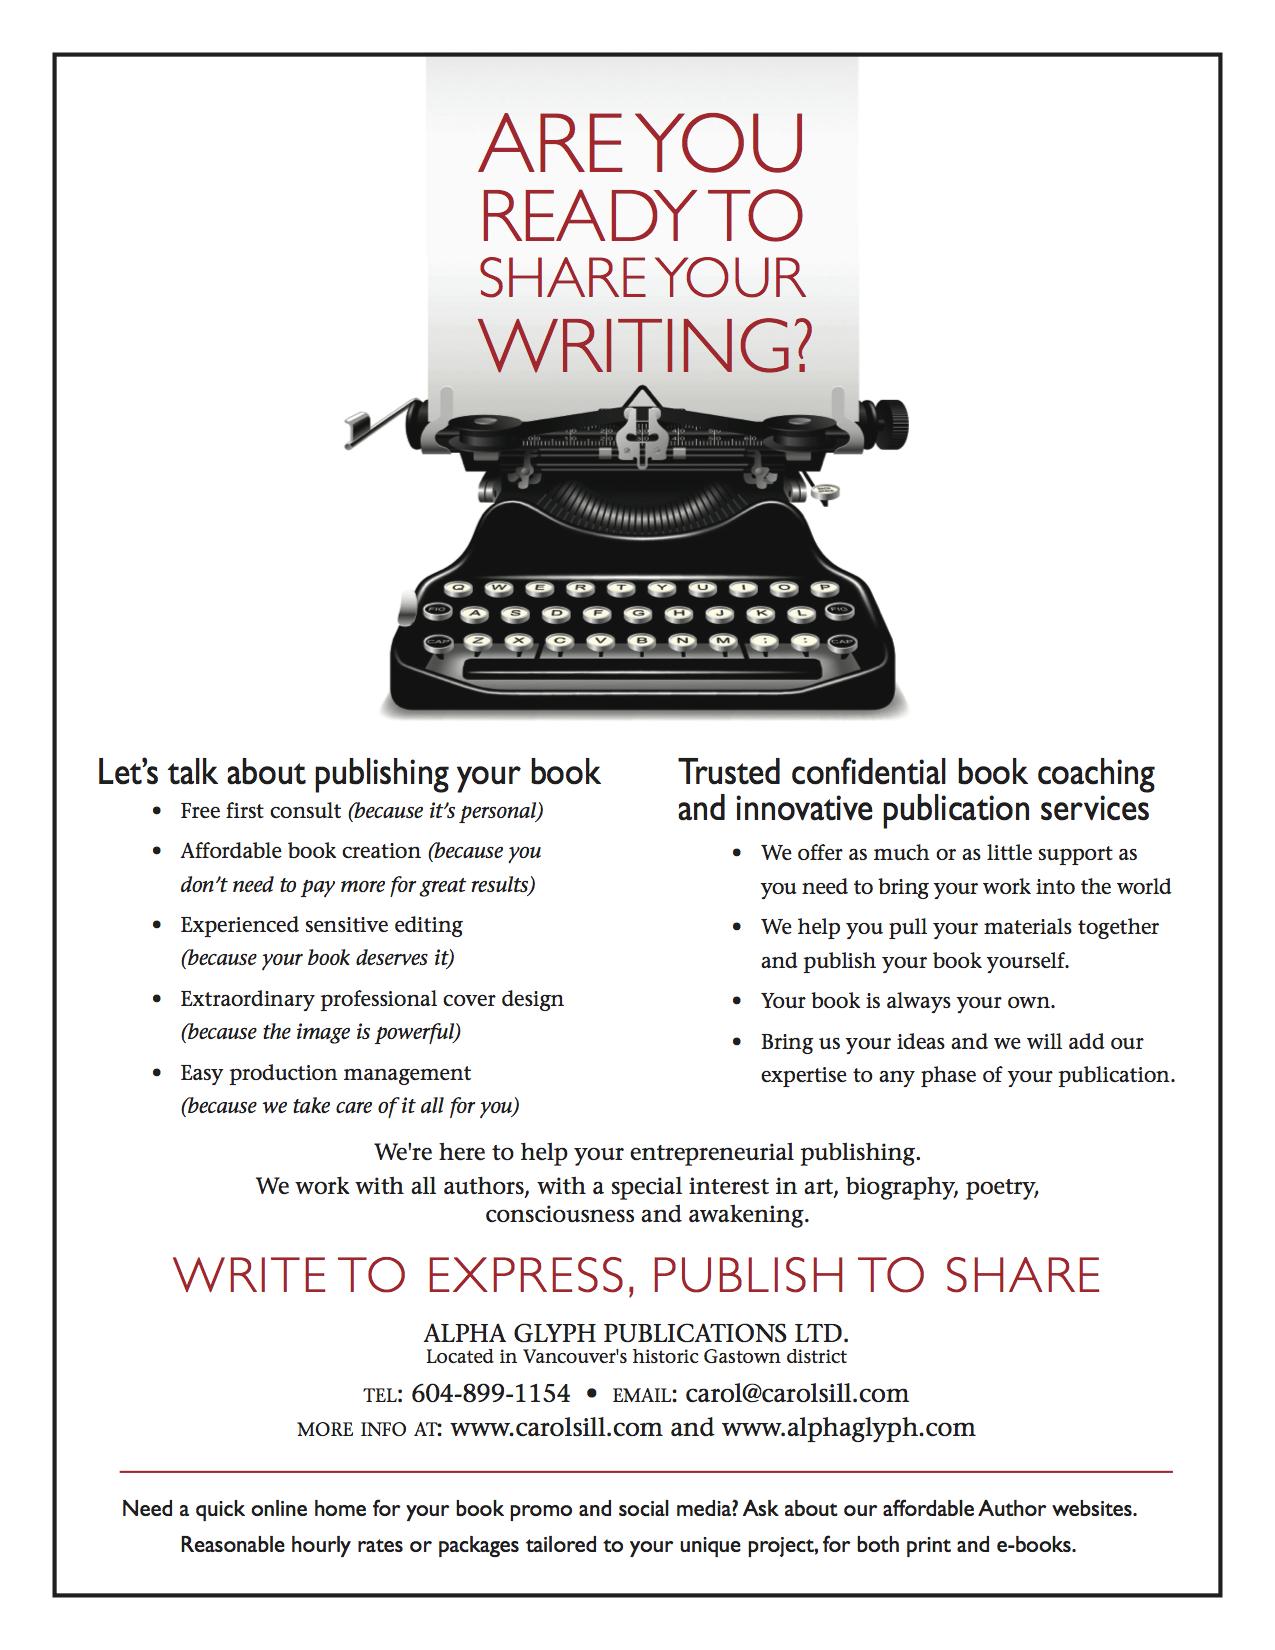 Alpha Glyph Book Publishing Flyer/ Carol Sill